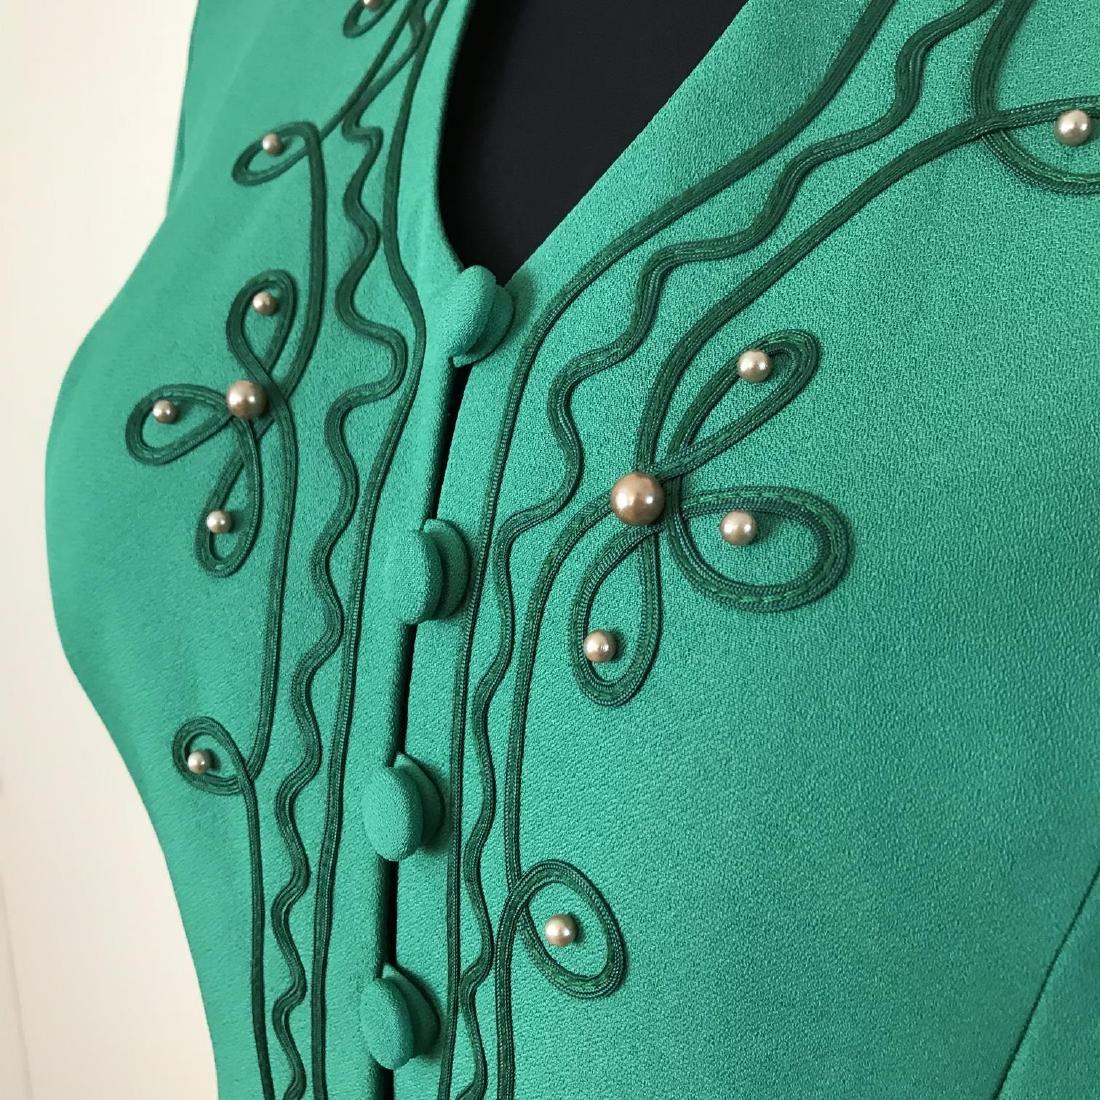 Vintage Women's Blouse Shirt Jacket Size US 12 UK 16 - 3